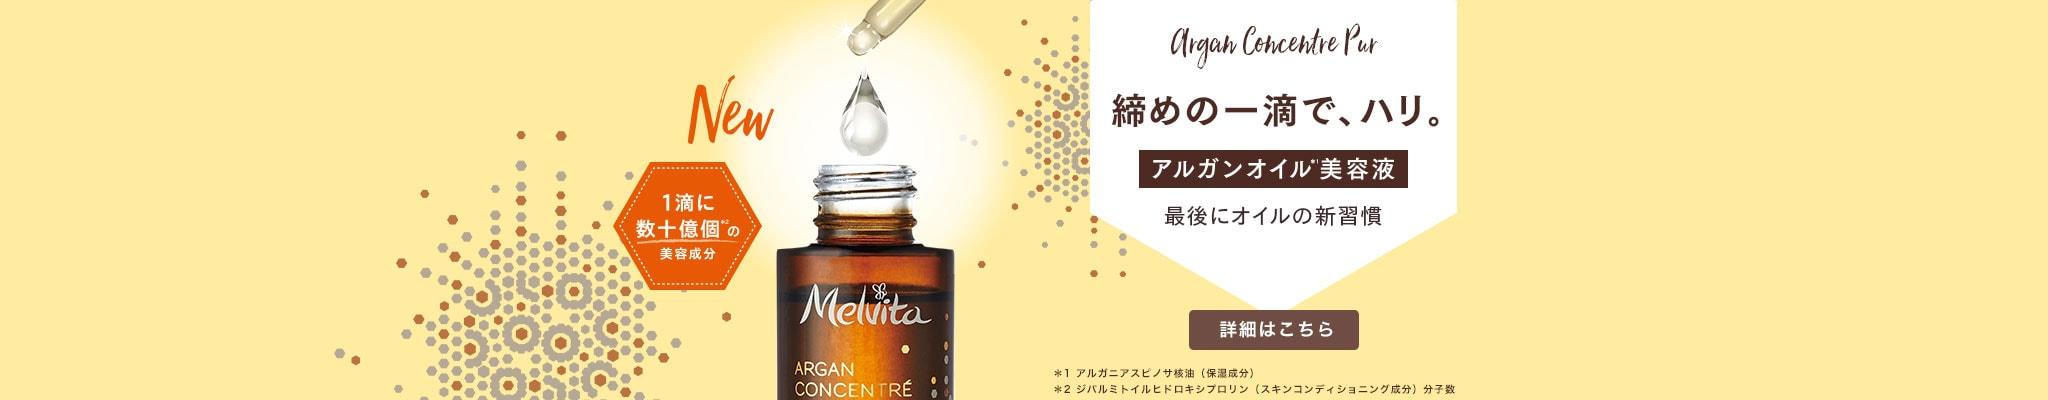 アルガンオイル美容液